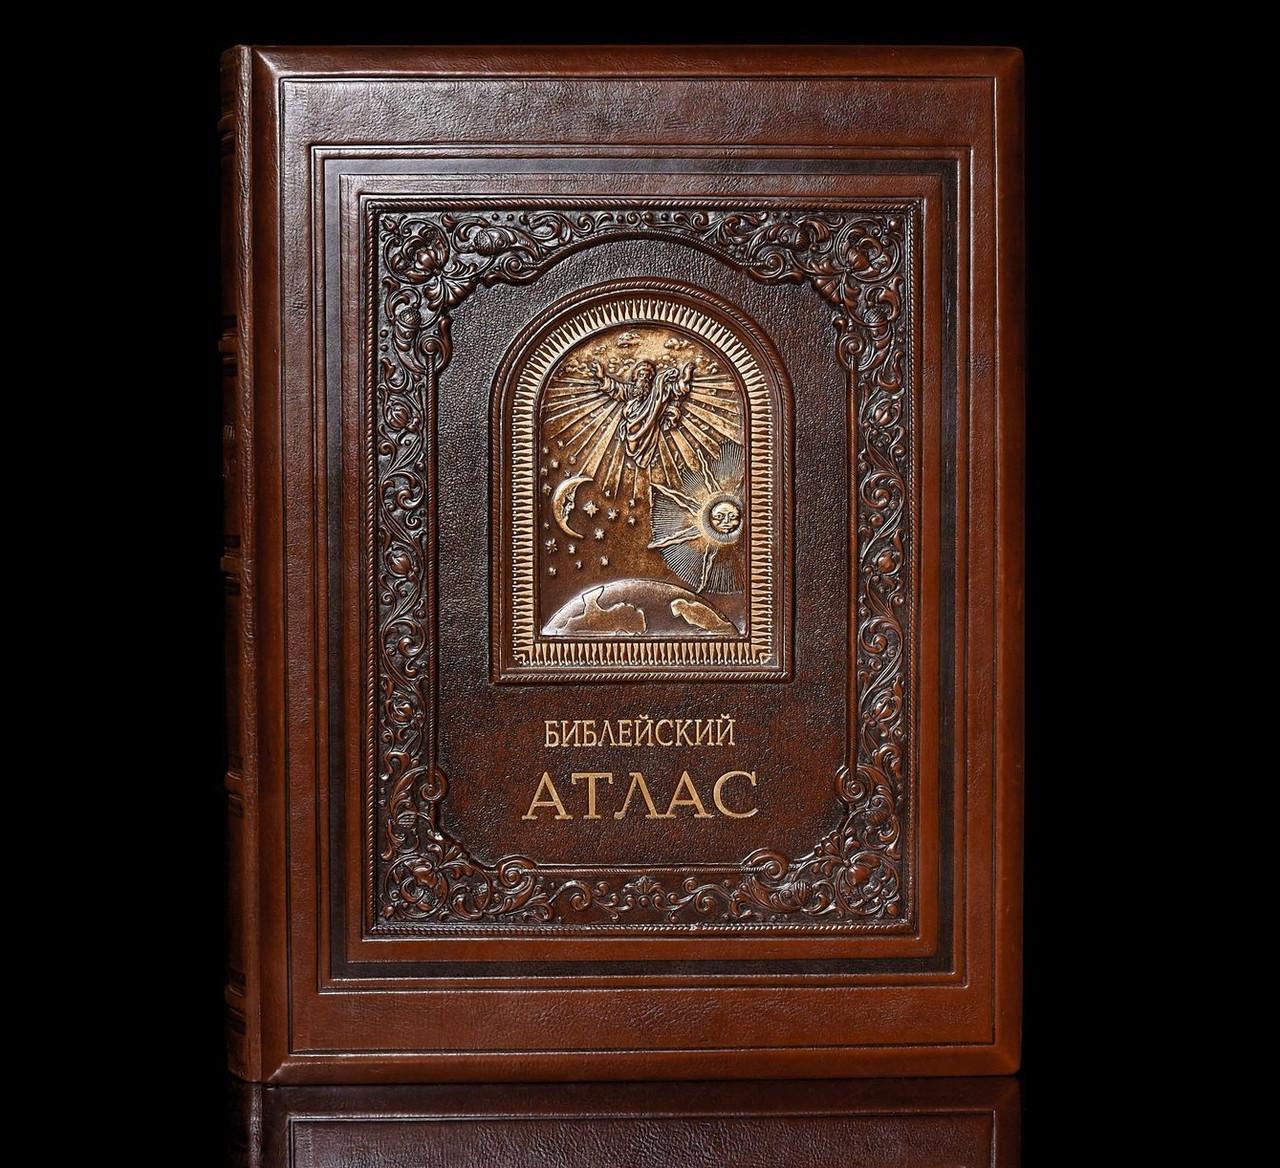 Библейский атлас в кожаном переплете и подарочной коробке